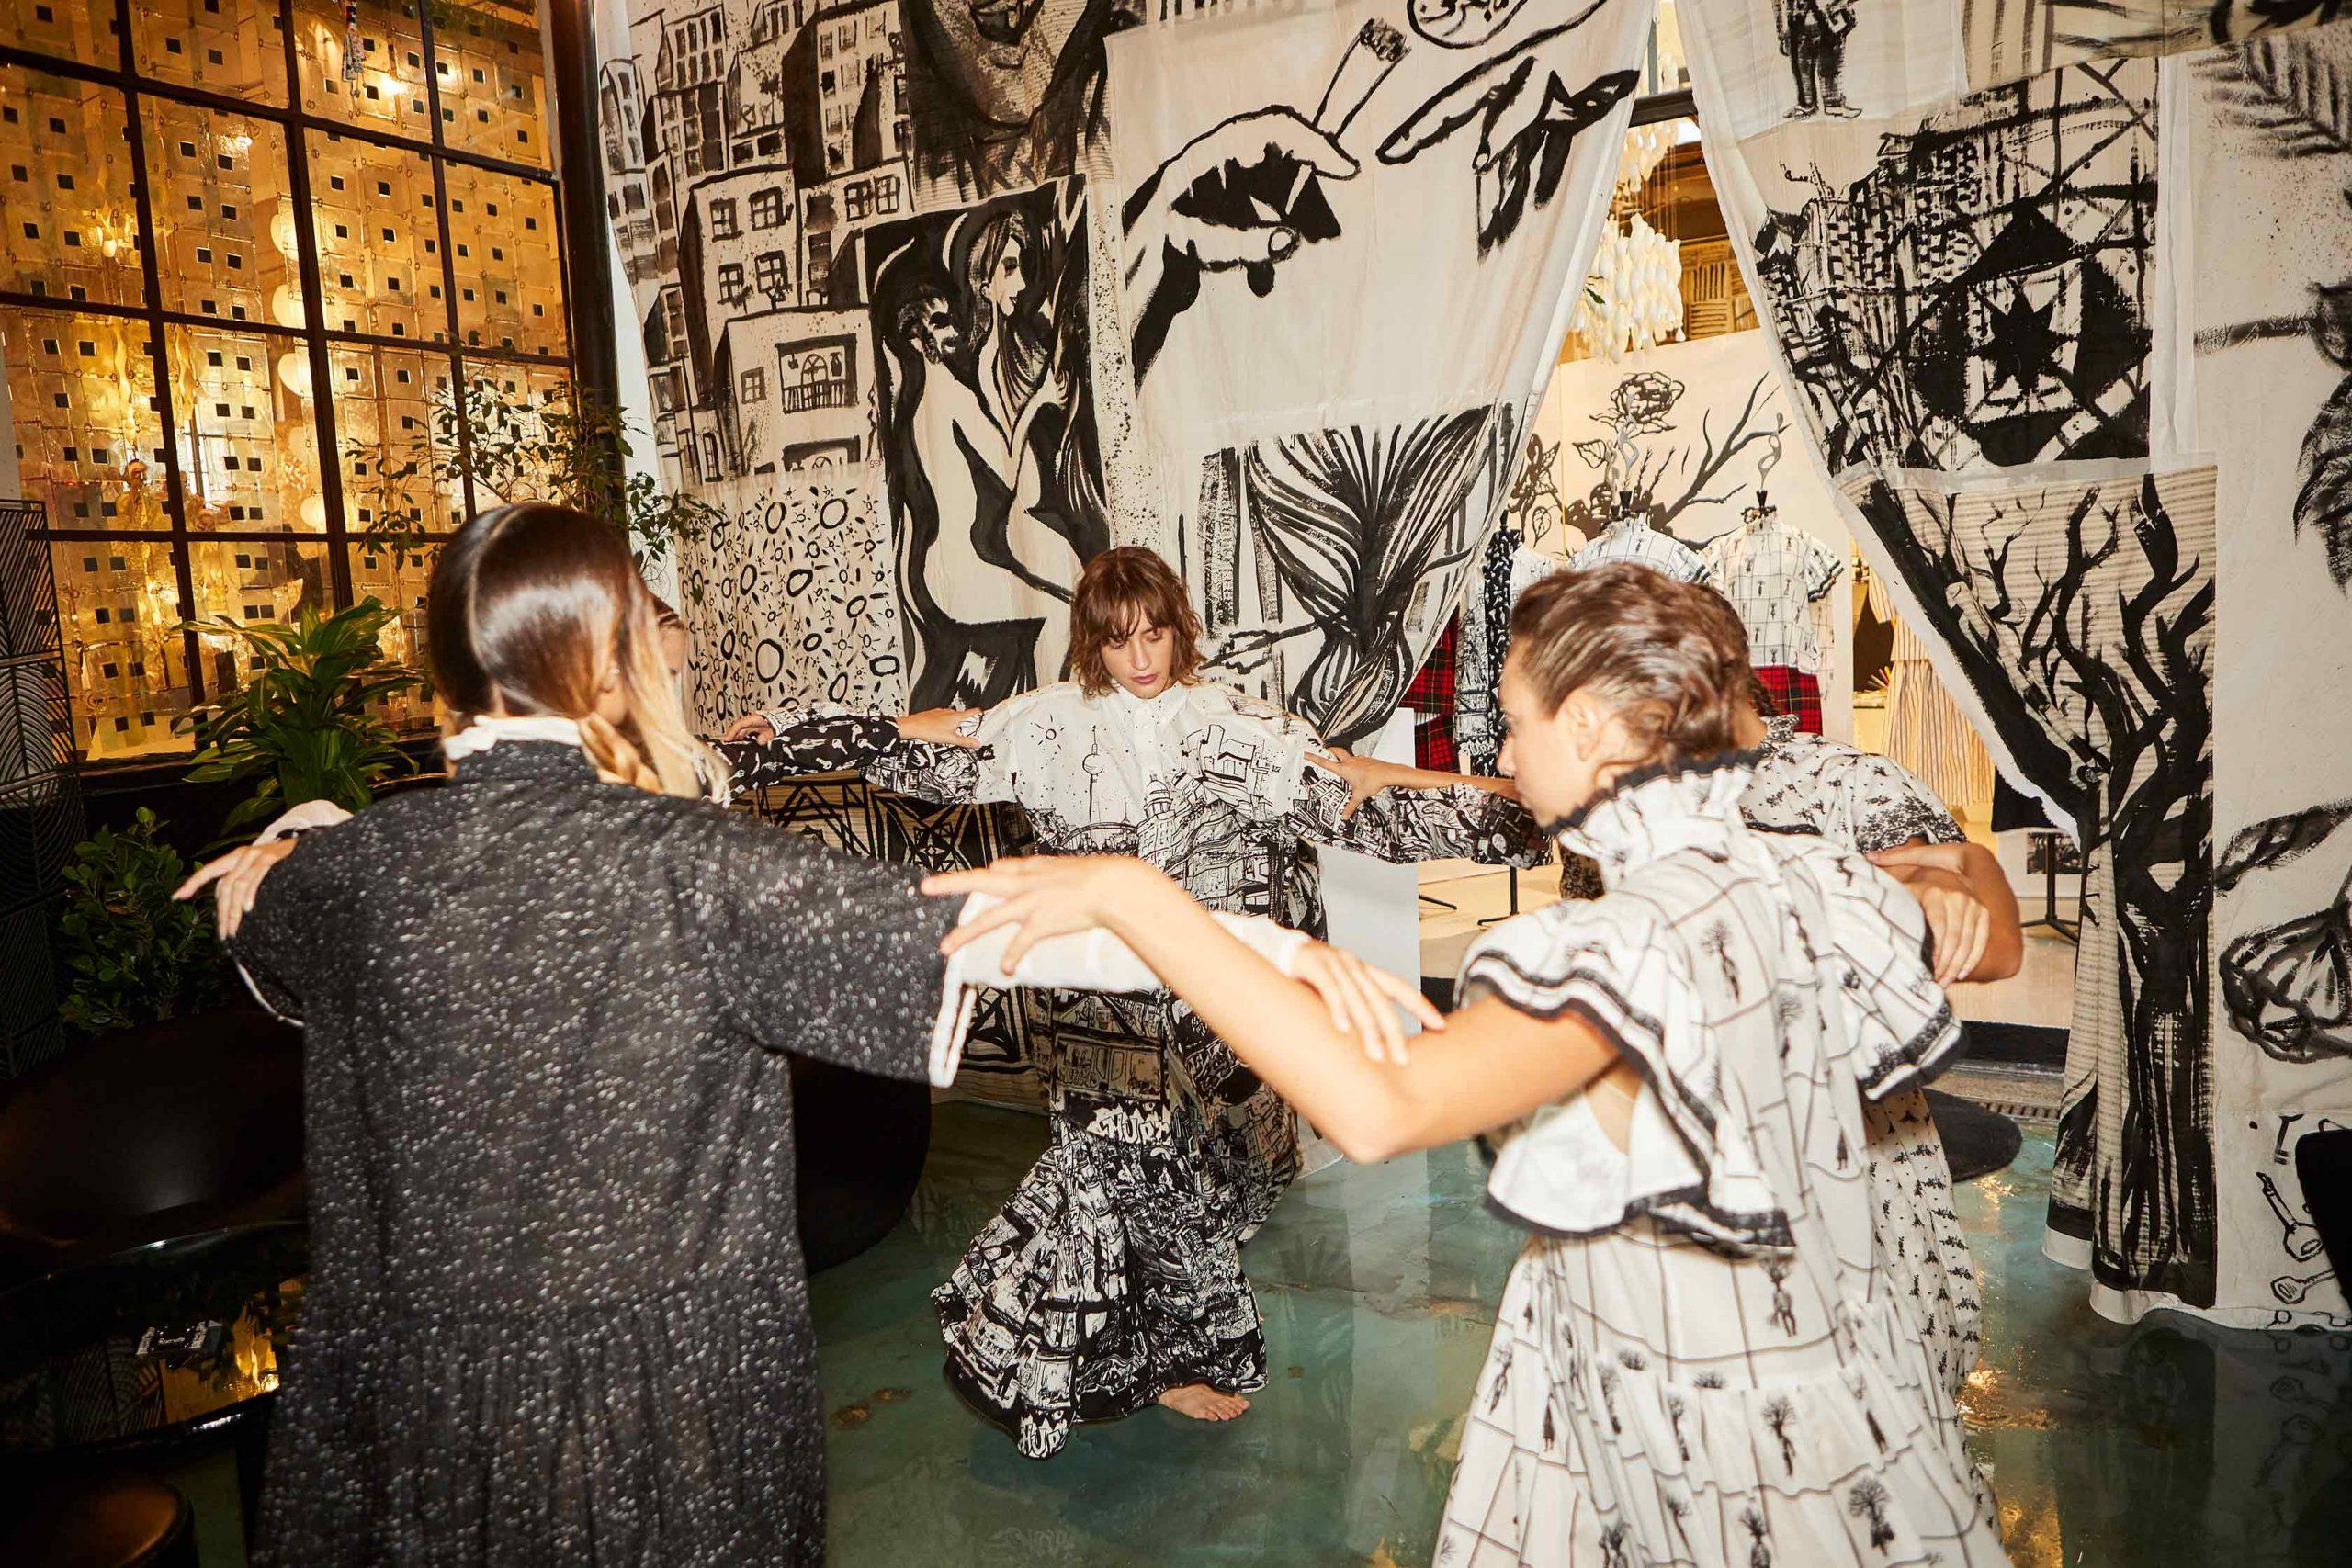 Melampo resilience collection at 10 Corso Como - installation - dancer - photo 5